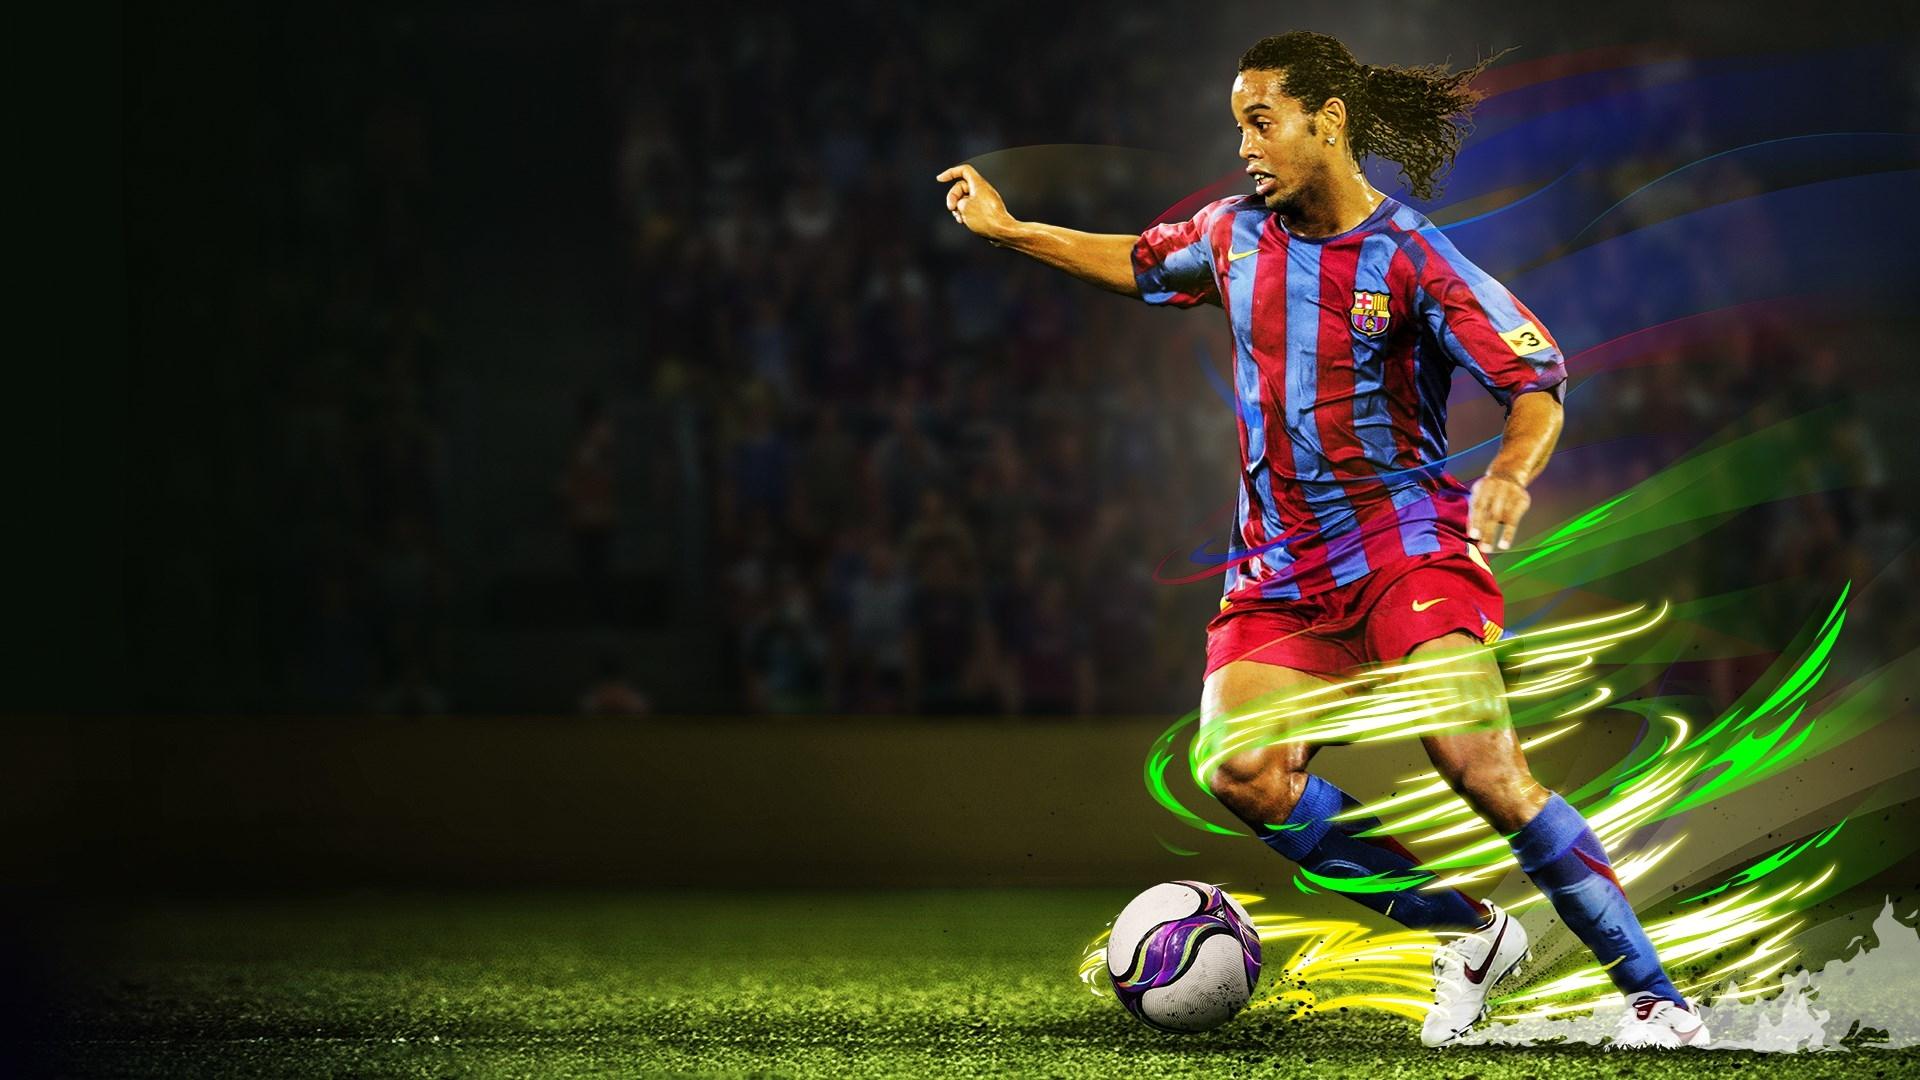 1920x1080 Ronaldinho In Efootball Pro Evolution Soccer 2020